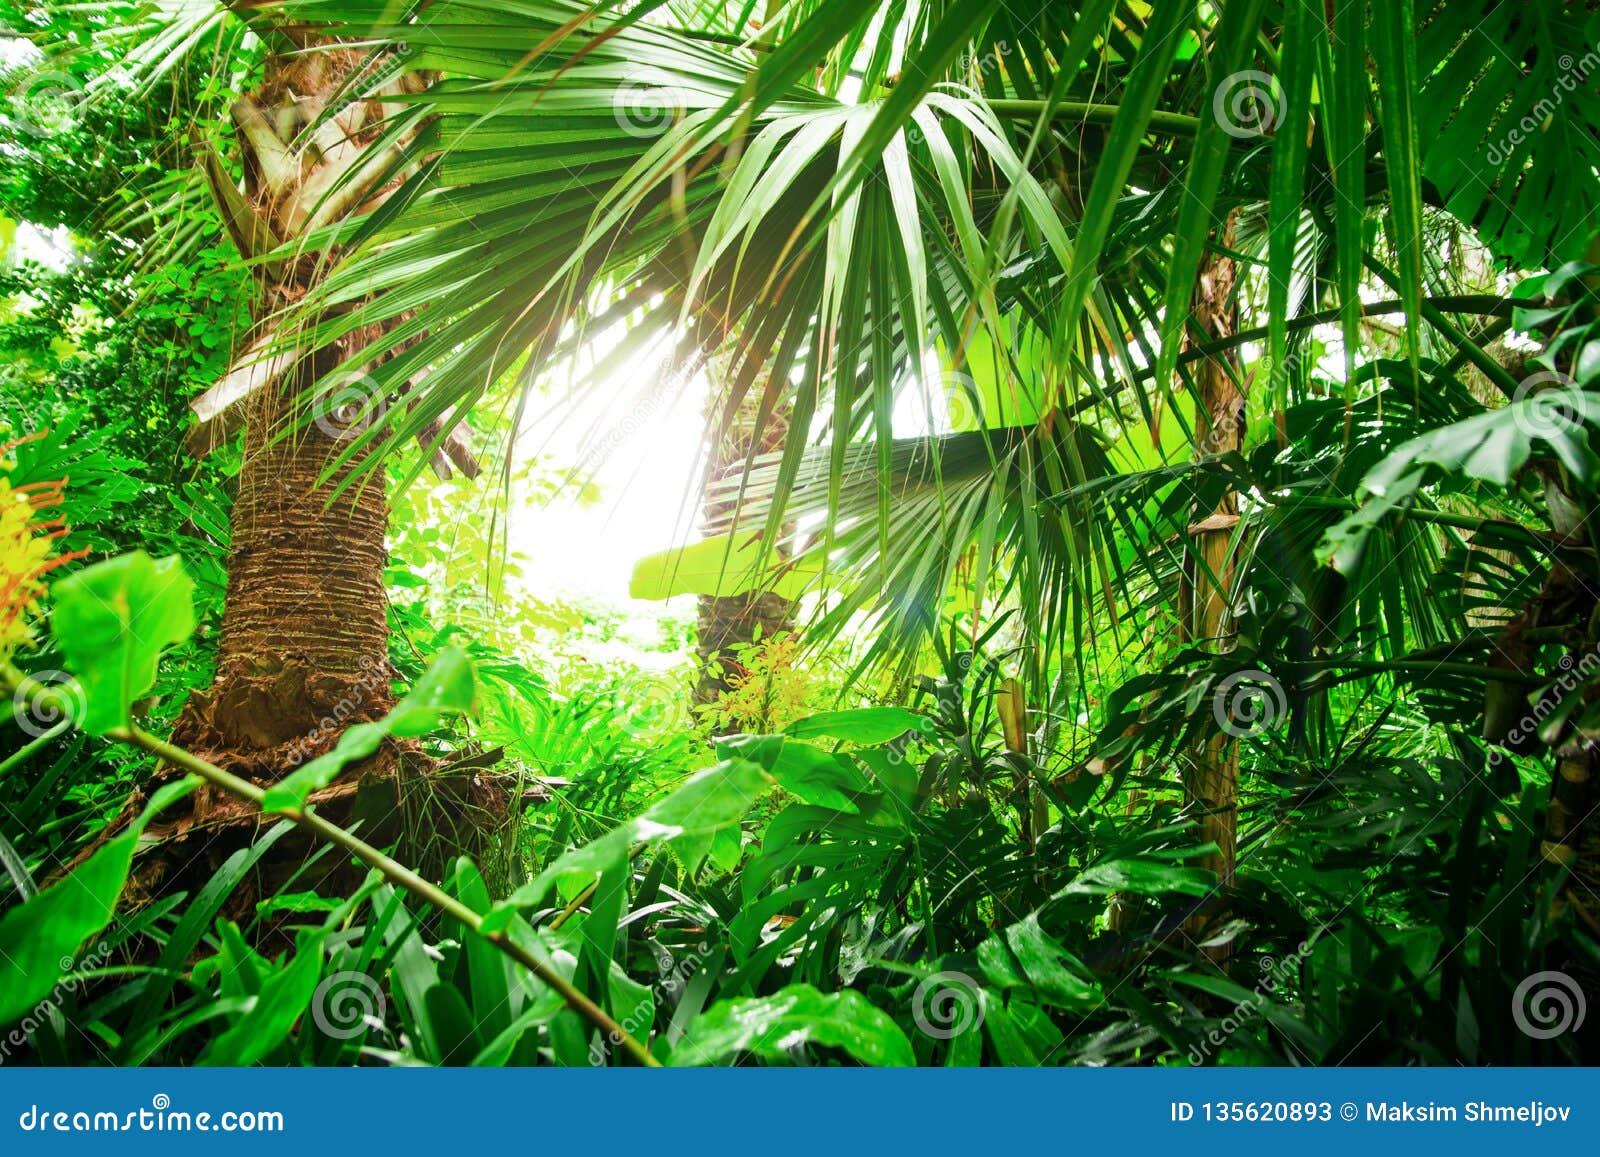 Plantas Exóticas Bonitas Da Selva Folhas Do Verde Papel De